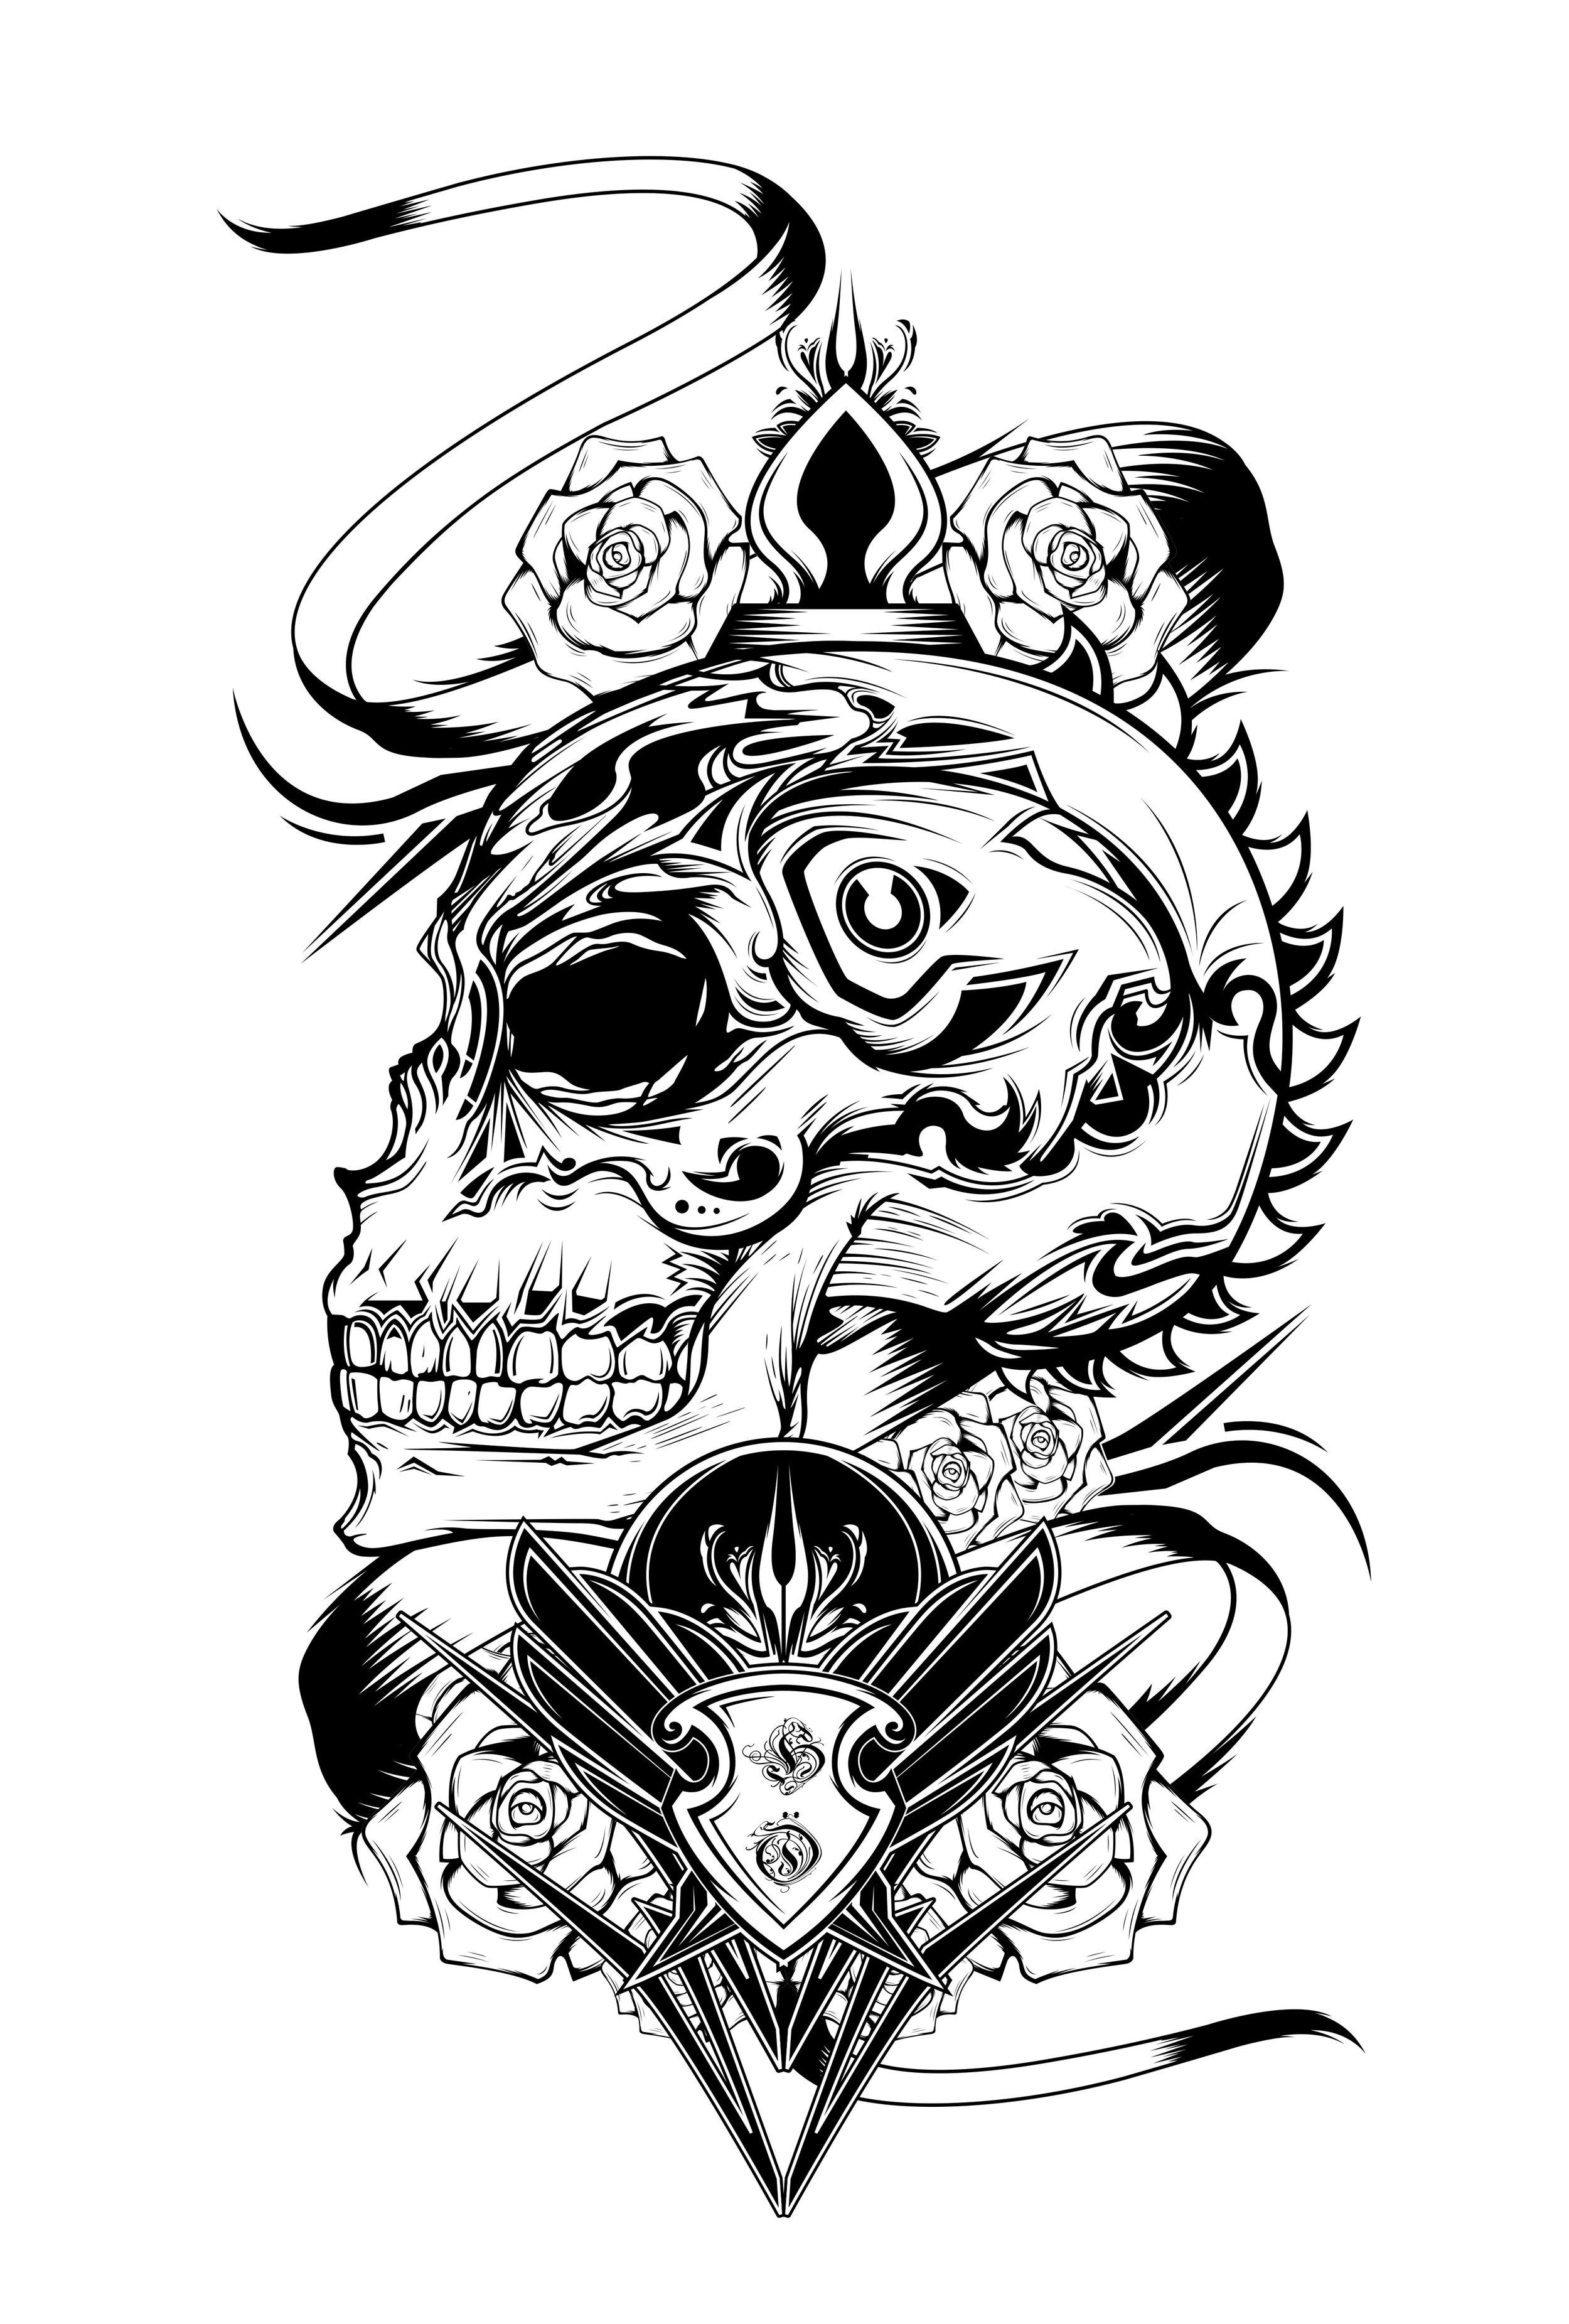 Skull_3_Black_And_White_2018.jpg